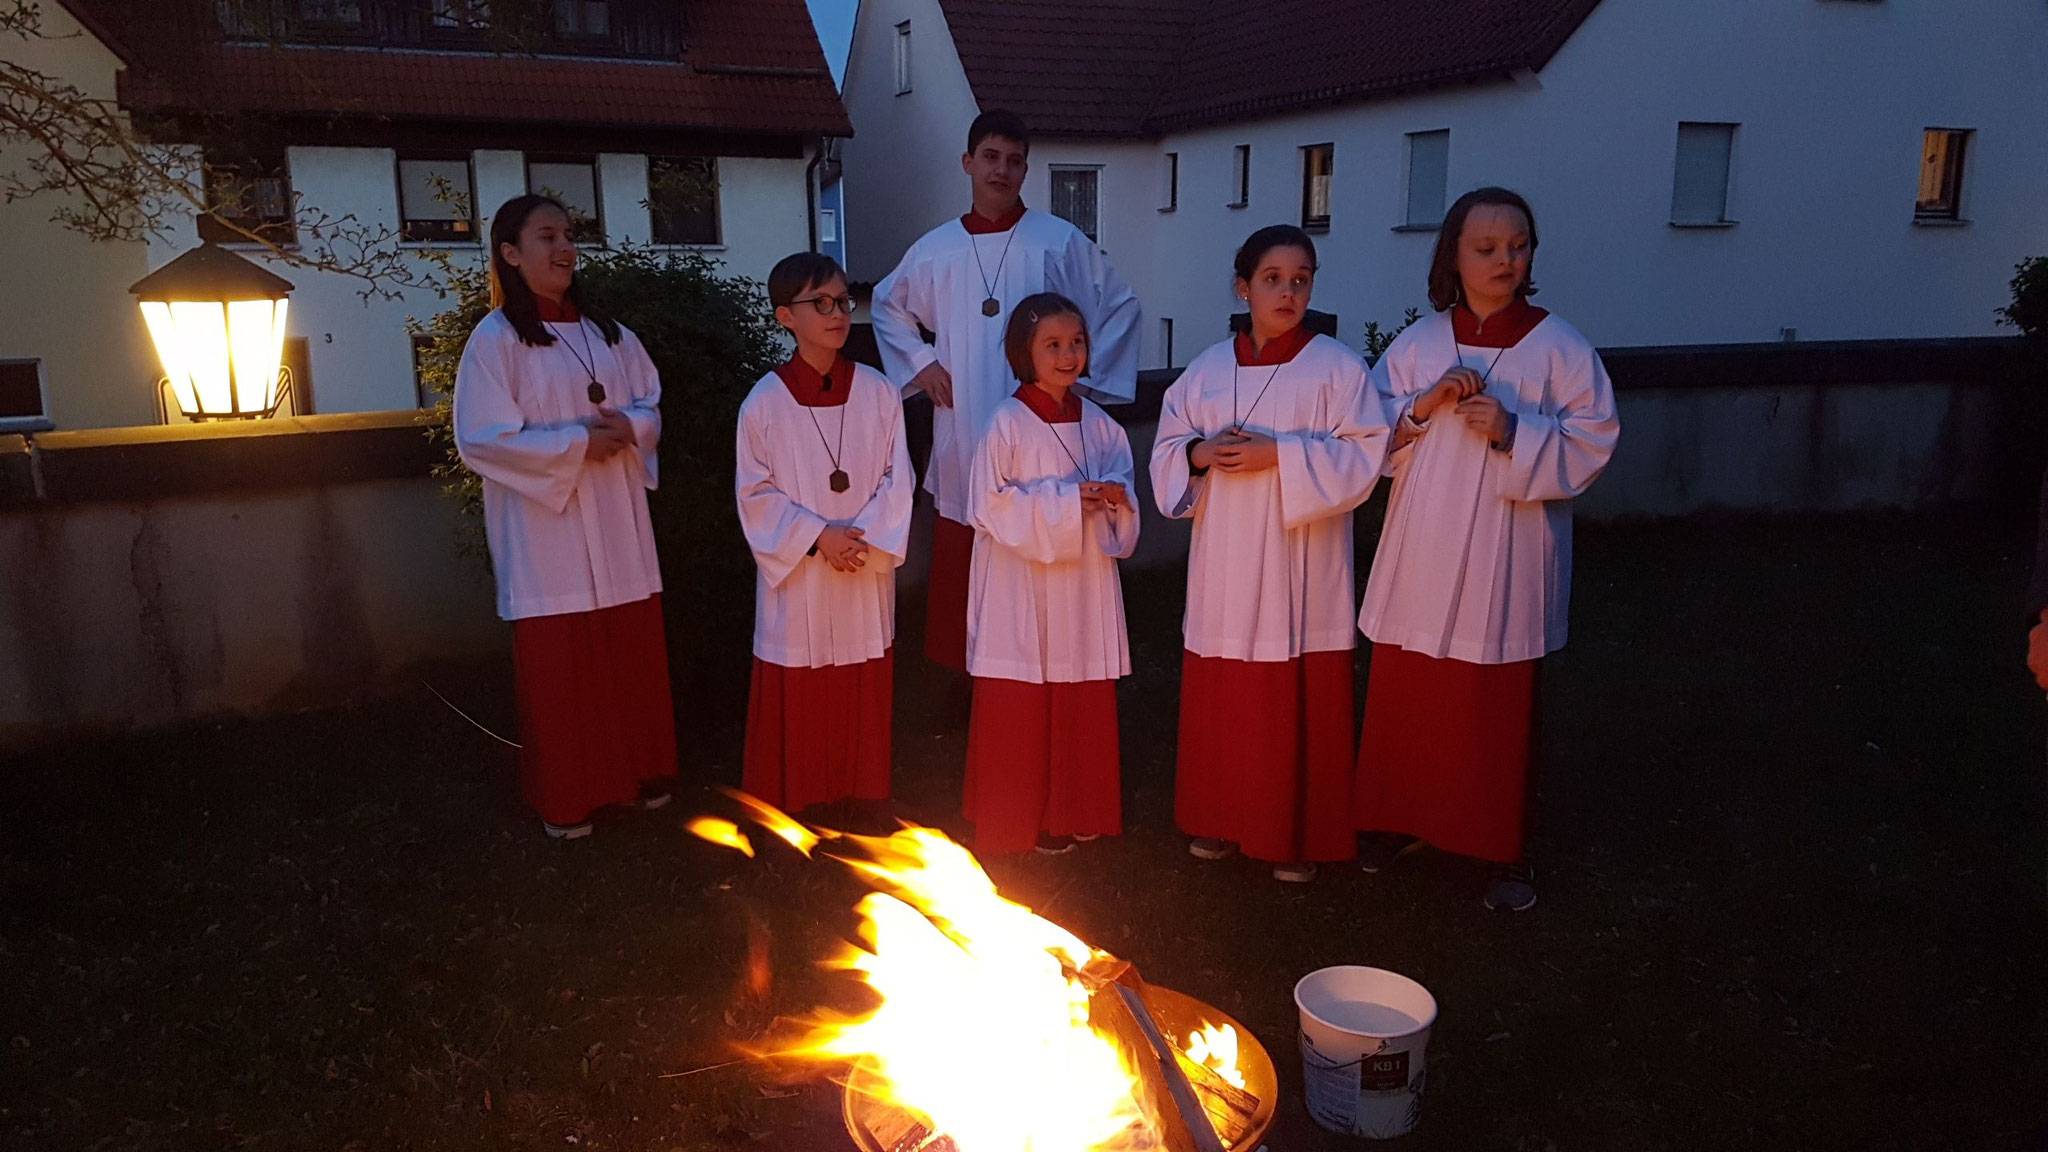 Ministranten in der Osternacht vor dem Osterfeuer